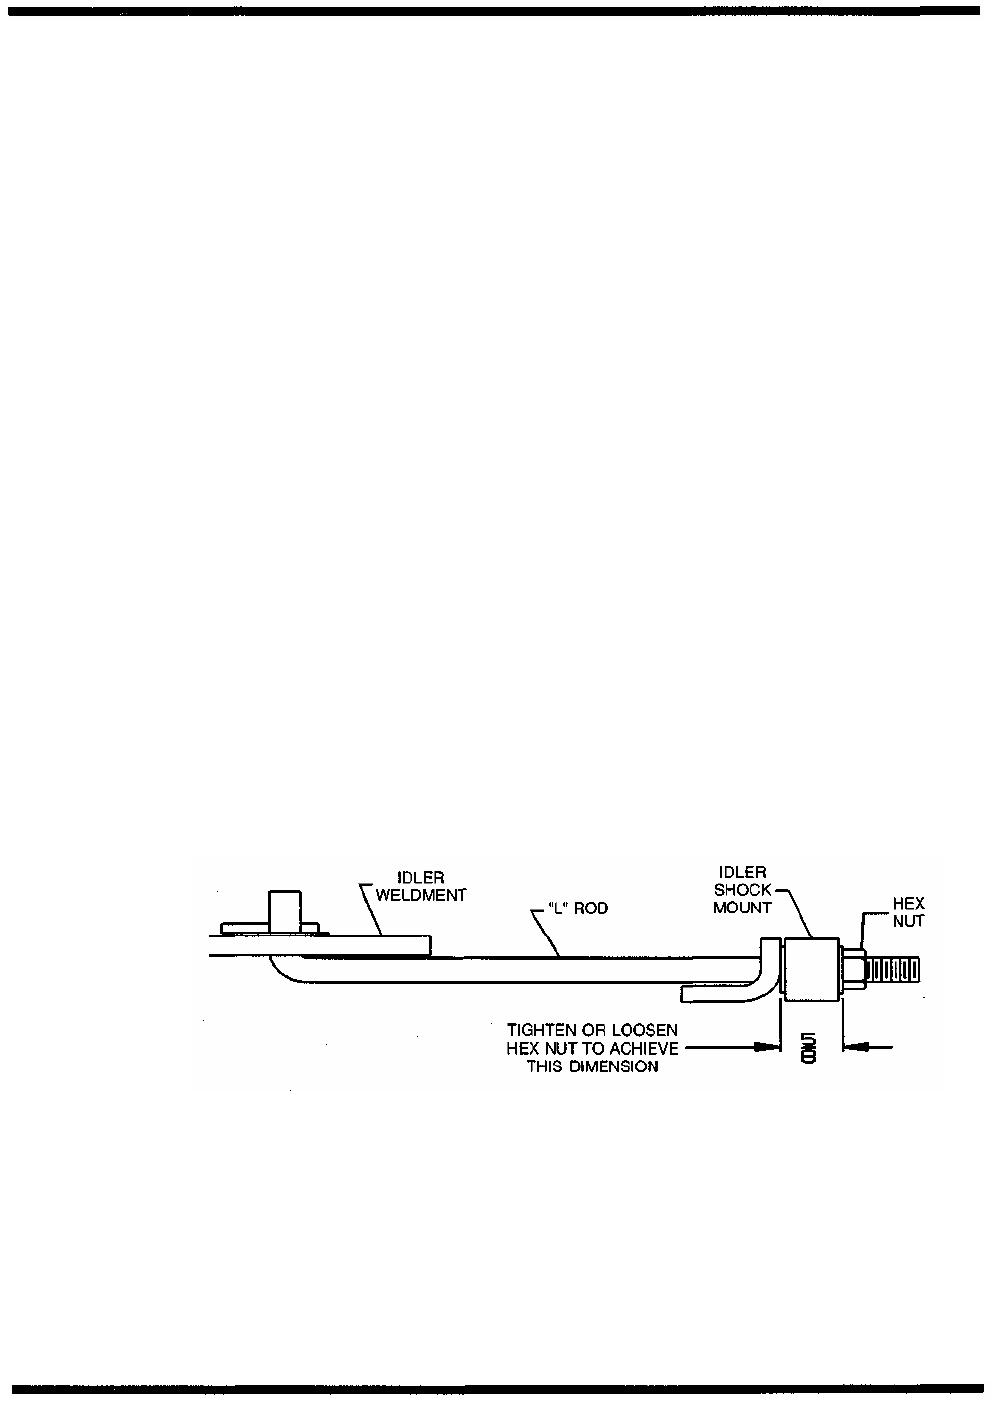 Dixon Ztr 3014 1998 Parts Alternating Motor Control Wiring Diagrams – Dixon Ztr 2301 Ignition Wiring Diagram